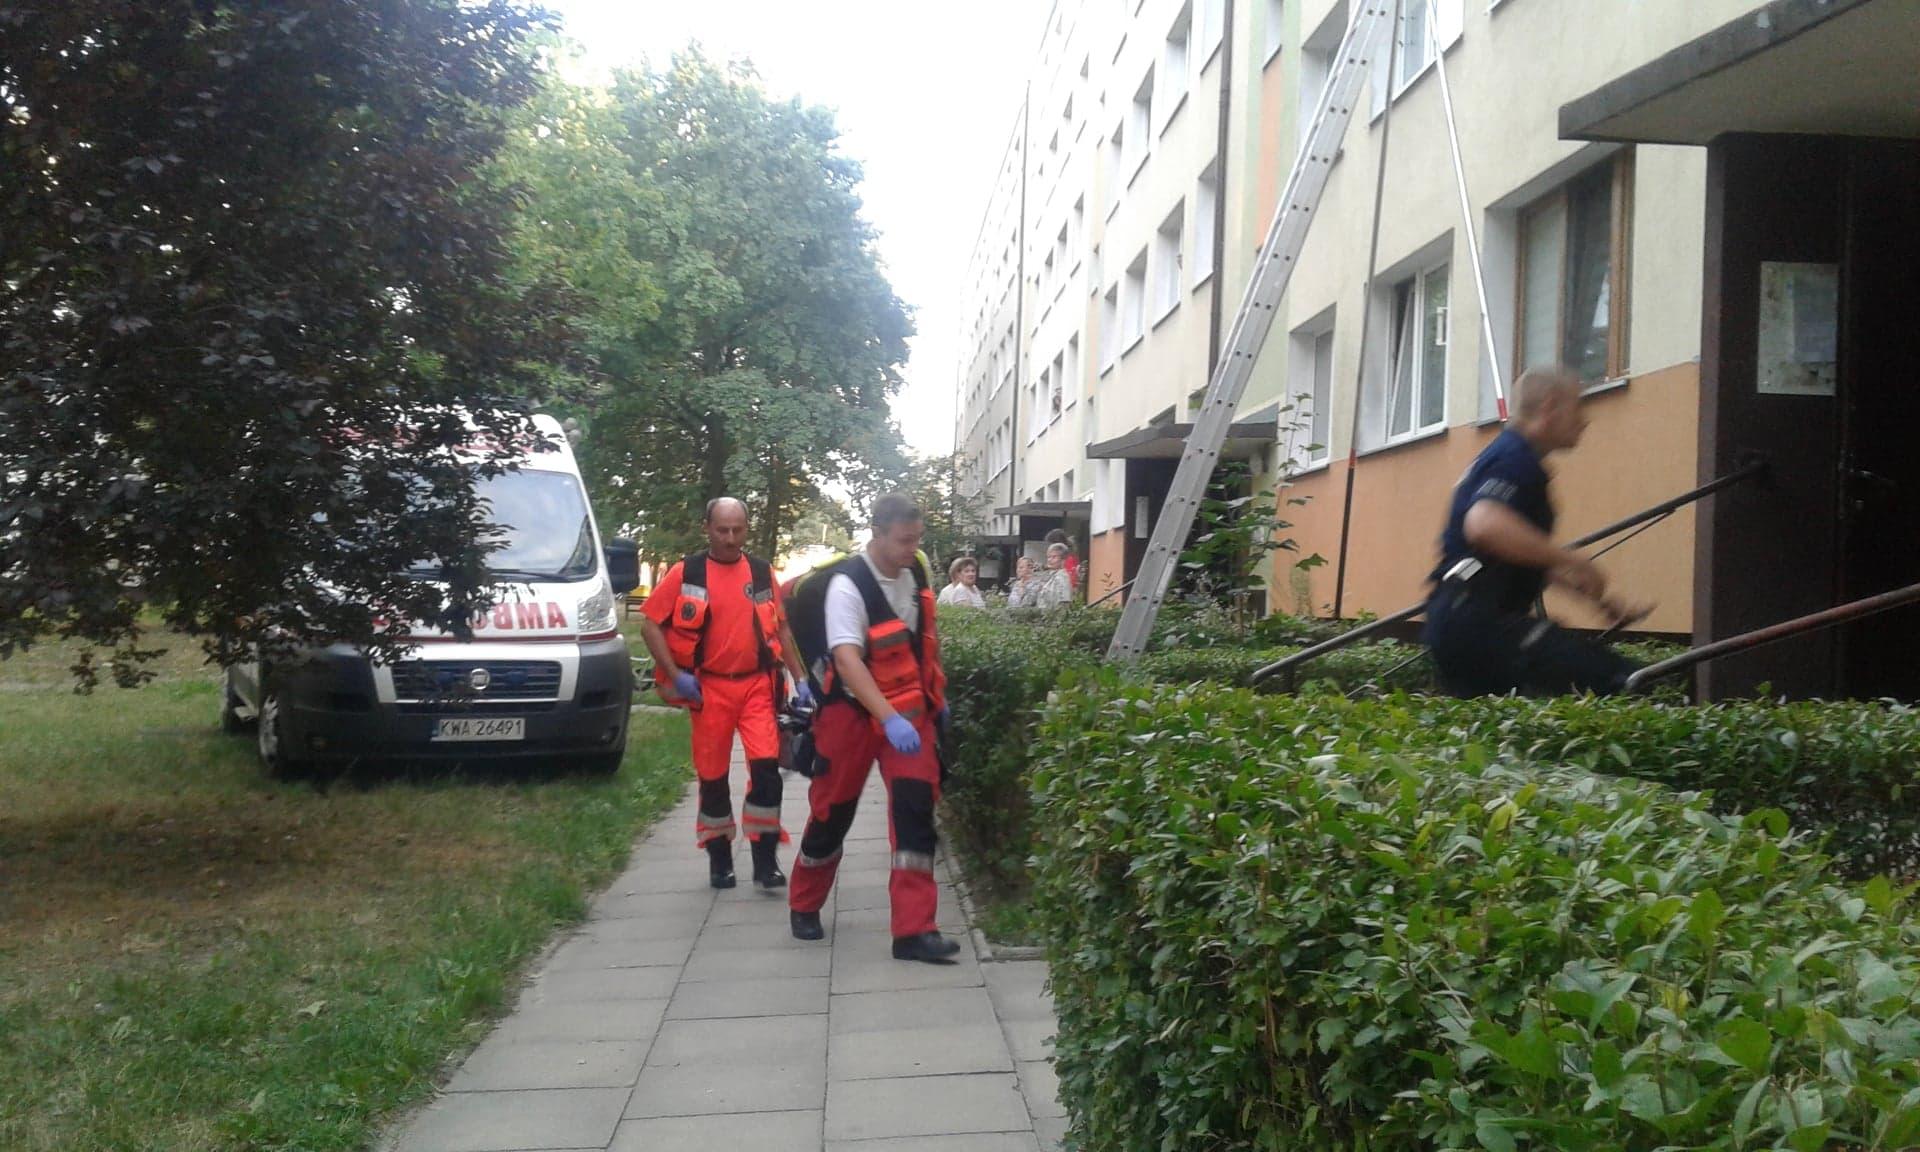 Photo of Strażacy pomogli otworzyć mieszkanie starszej pani. Lokatorka niestety już nie żyła